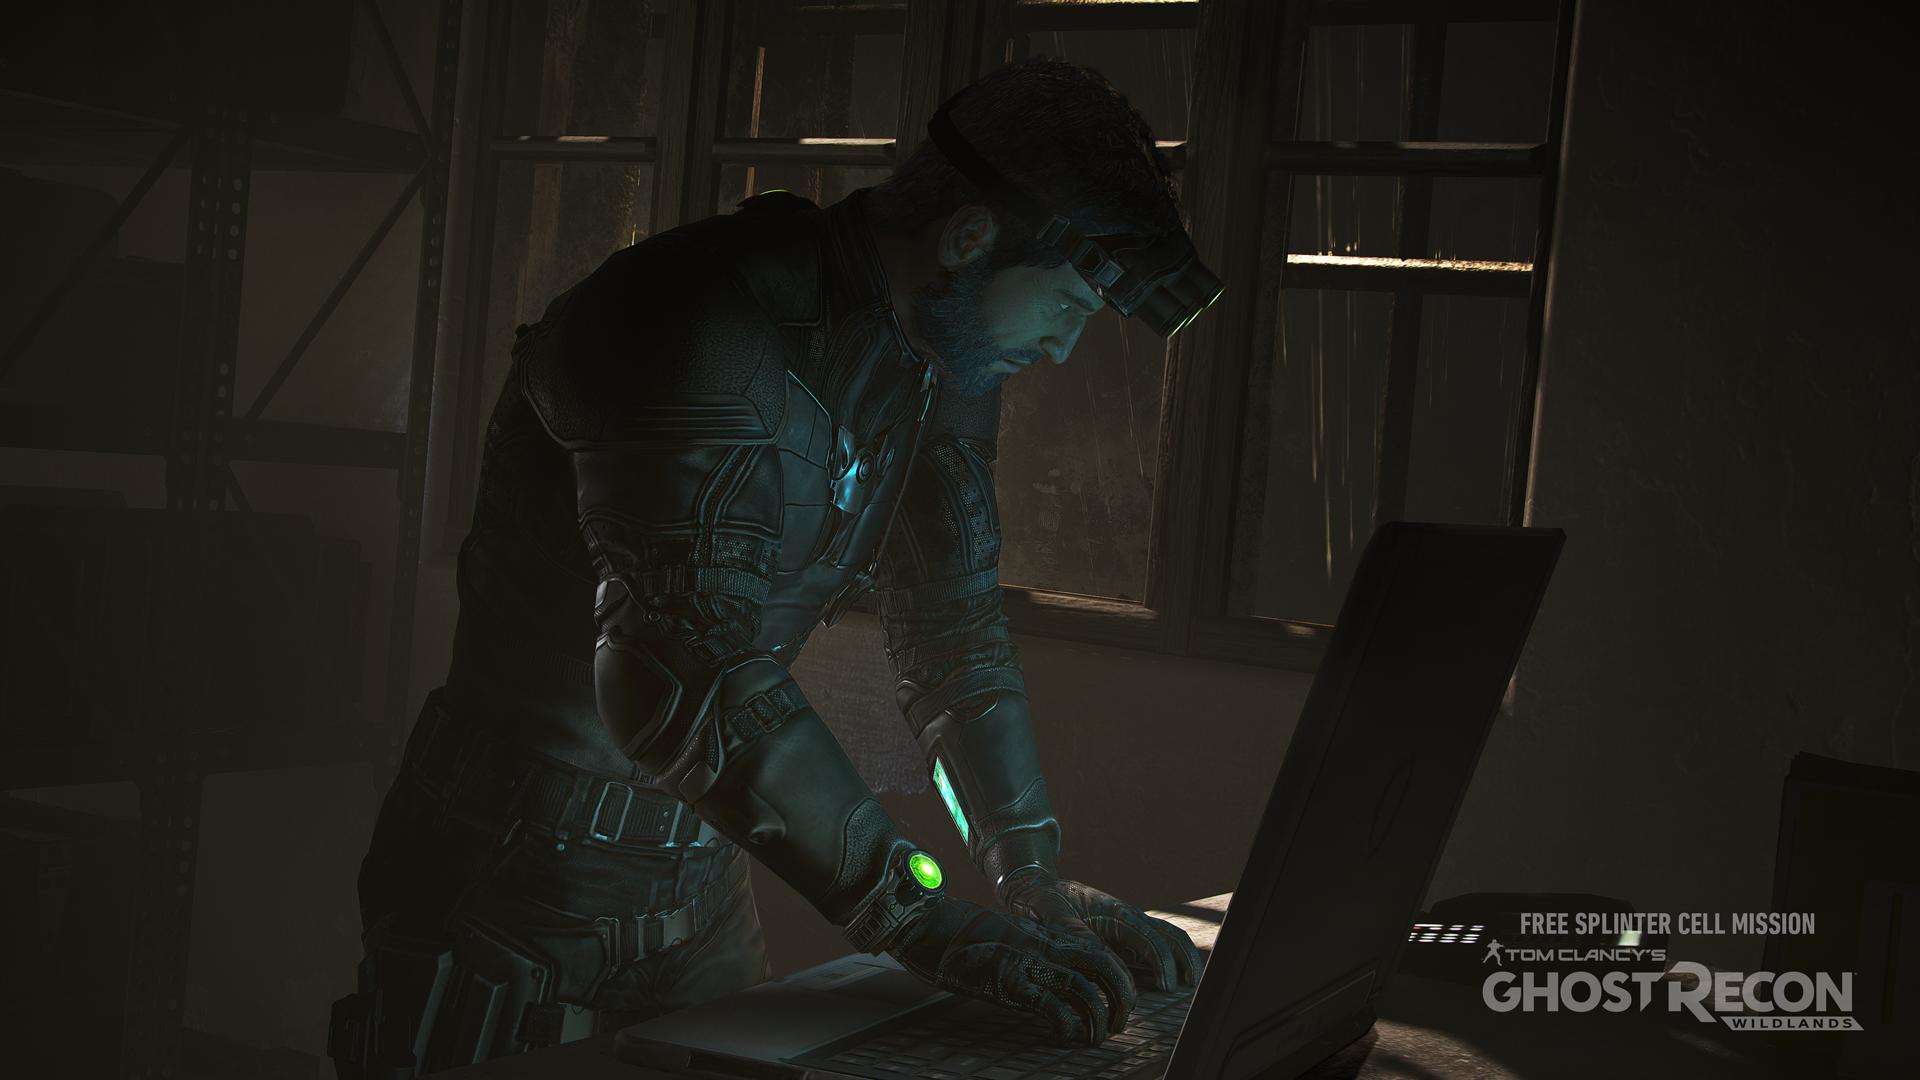 В миссии, посвящённой Splinter Cell, в Ghost Recon: Wildlands нашли пасхалку Metal Gear